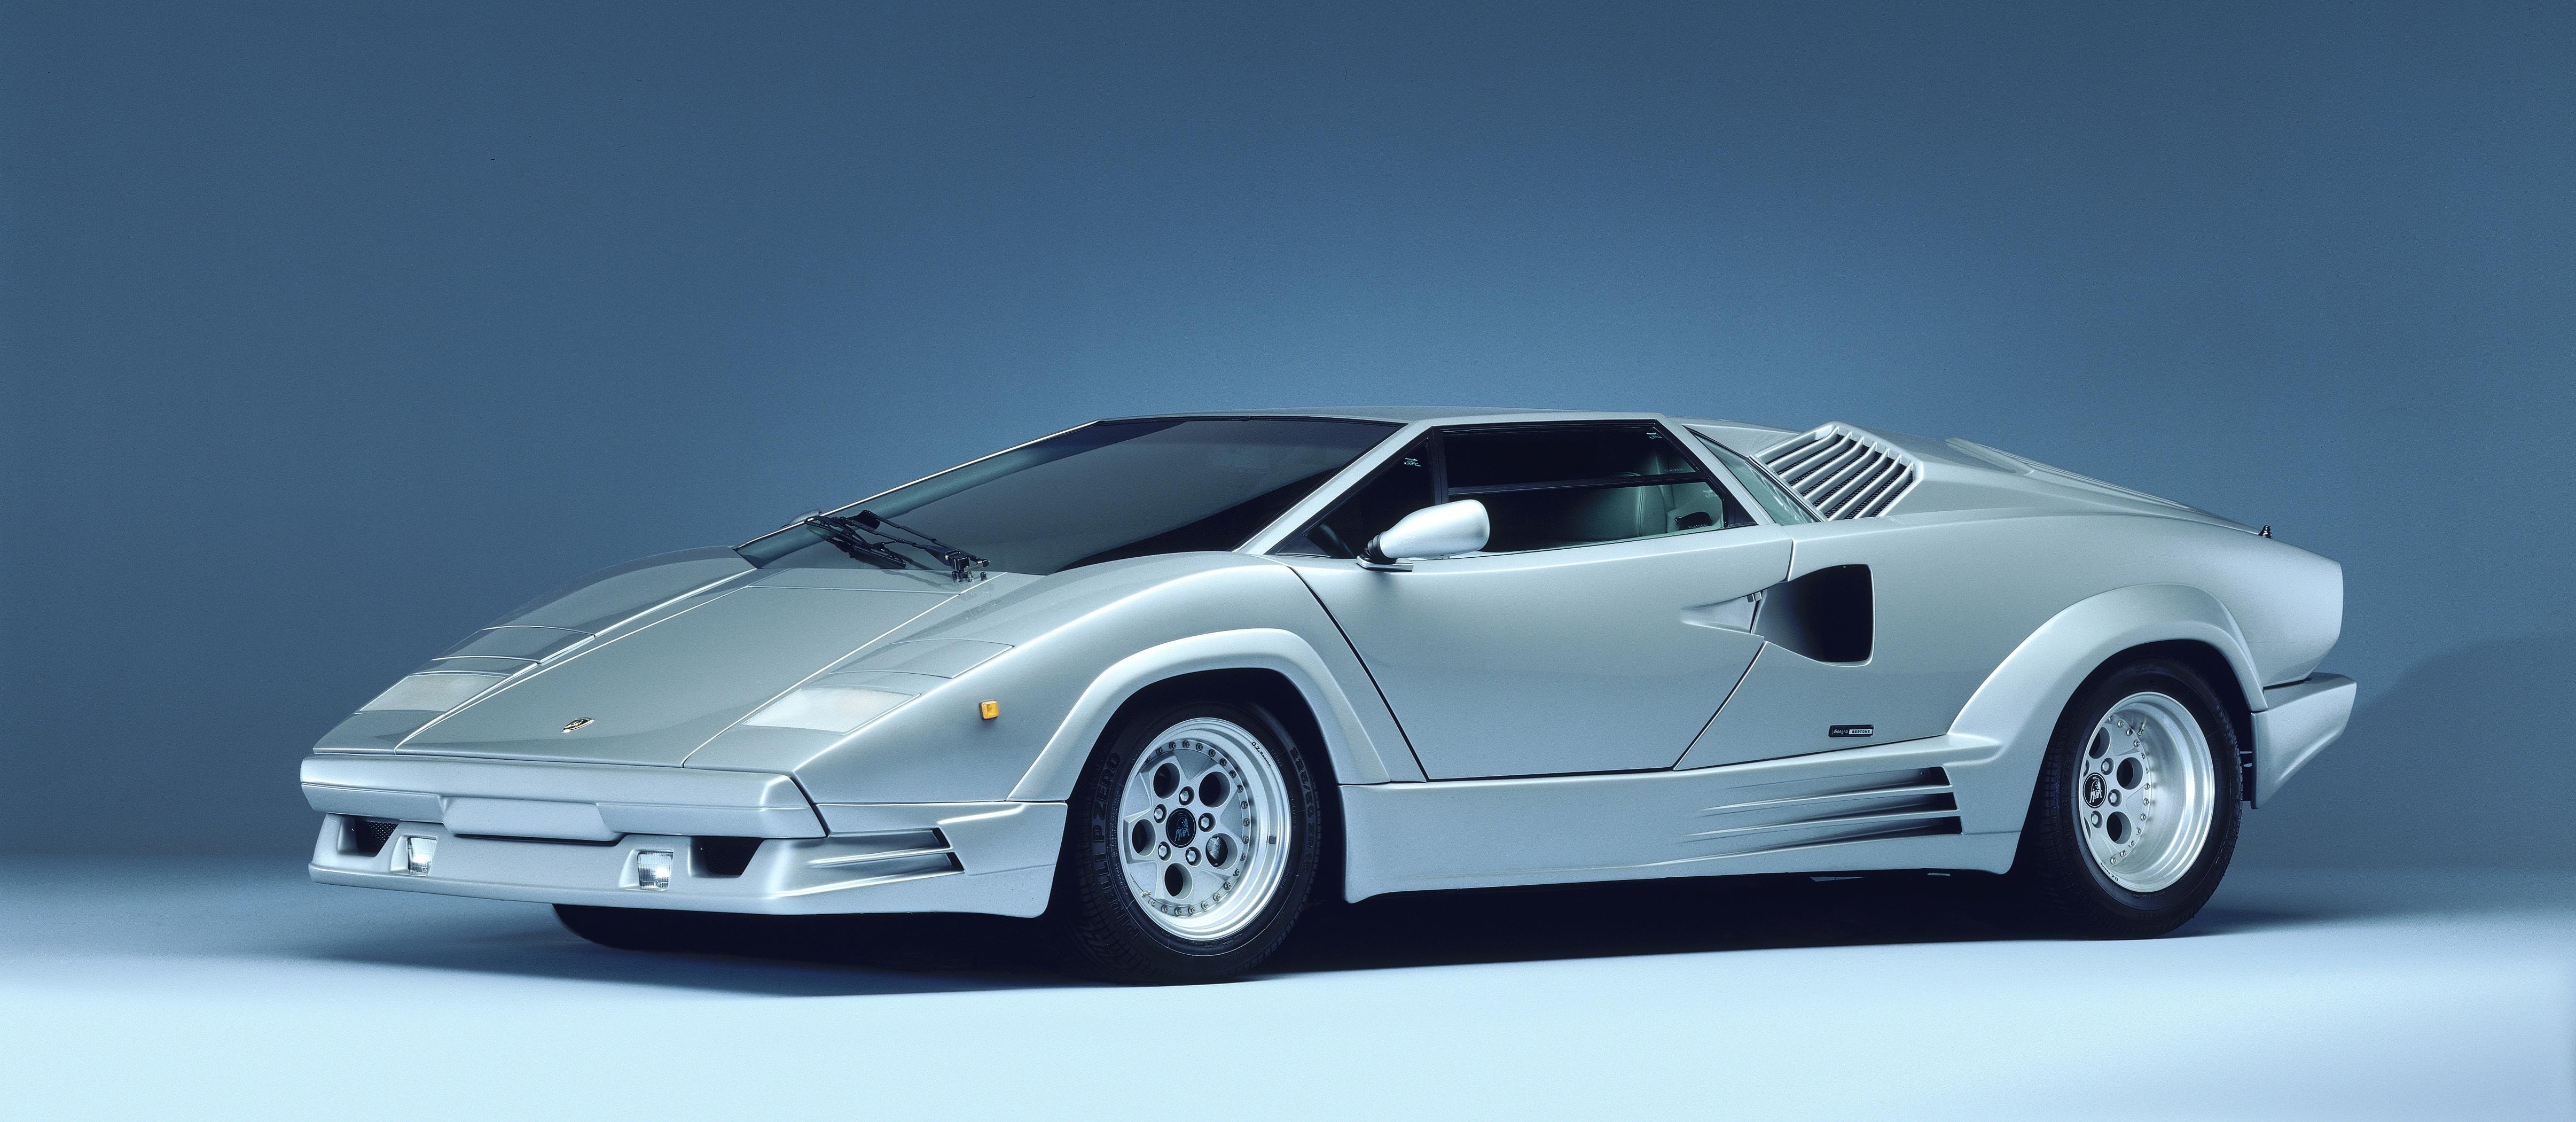 Pin By Ian J Treu On Classic Style Lamborghini Cars Exotic